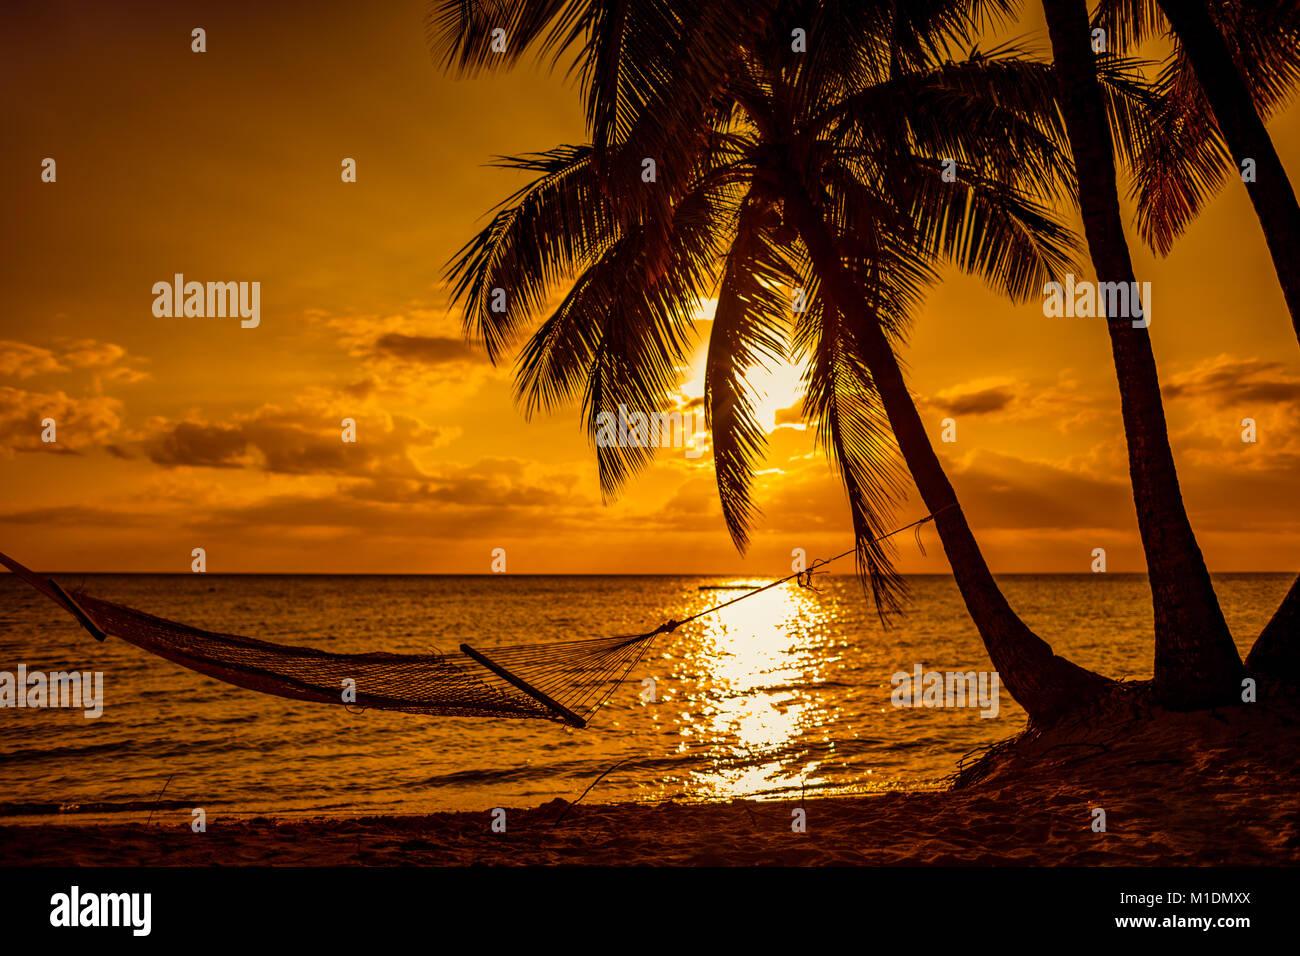 Maldives Beach Hammock Sun Stock Photos & Maldives Beach